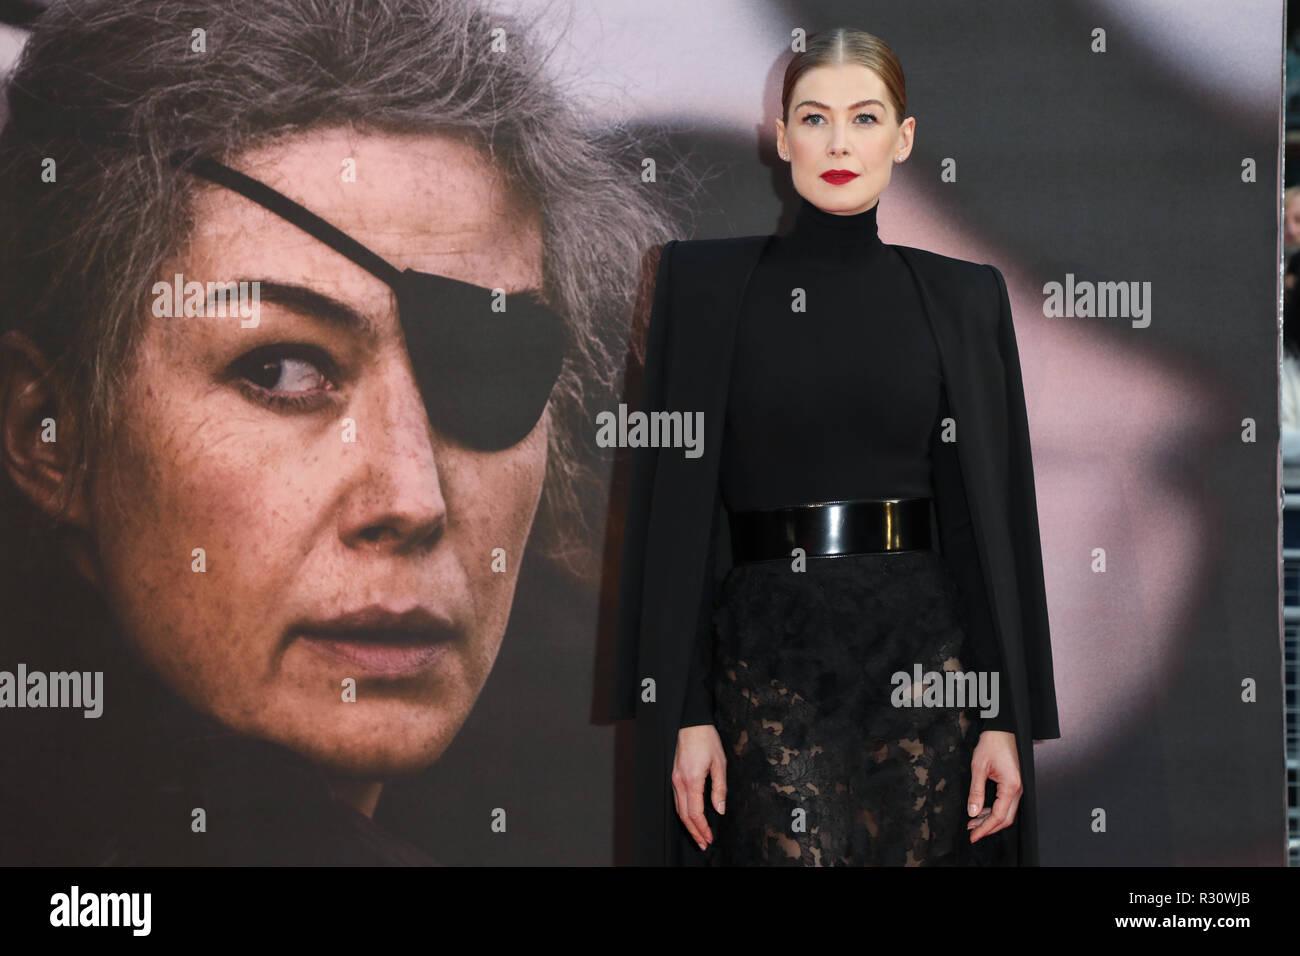 BFI London Film Festival - una guerra privata Premiere - Arrivi con: Rosamund Pike dove: Londra, Regno Unito quando: 20 Ott 2018 Credit: Lia Toby/WENN.com Immagini Stock